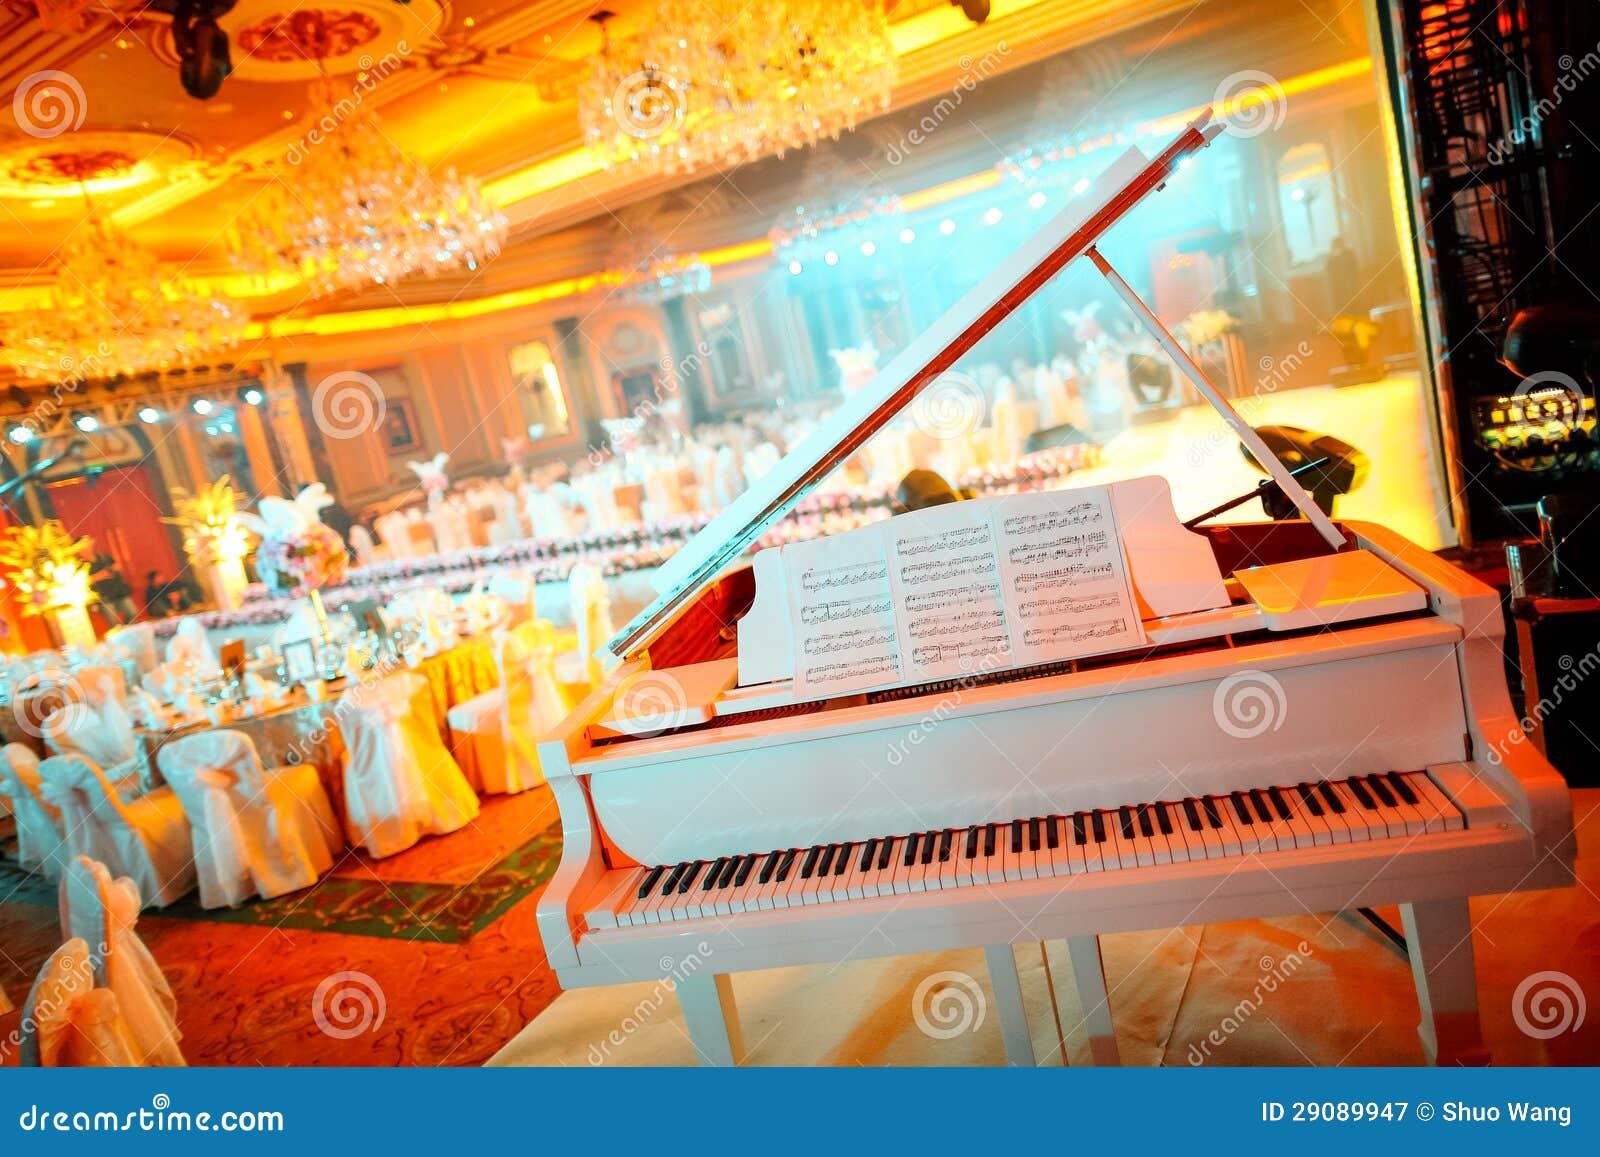 Klavier an der Hochzeit